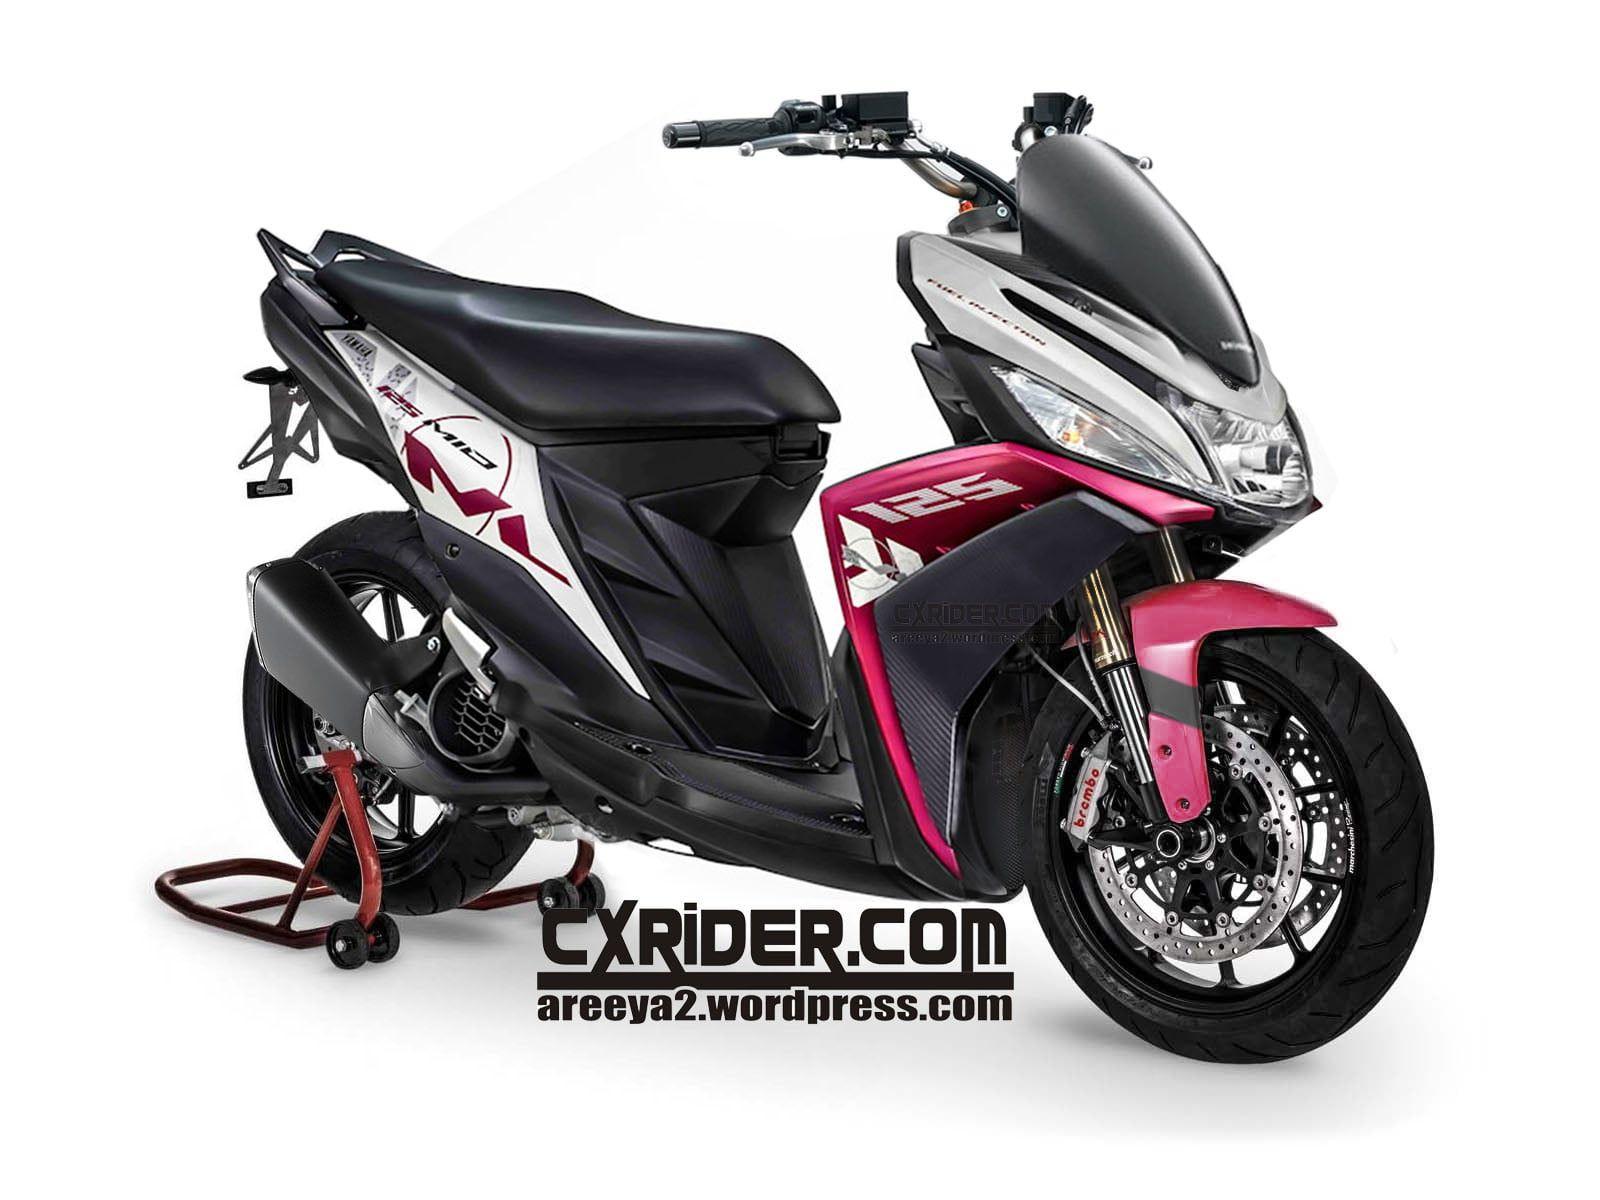 Modifikasi Motor Mio M3 Roda 3 Di 2020 Motor Kendaraan Motor Mobil